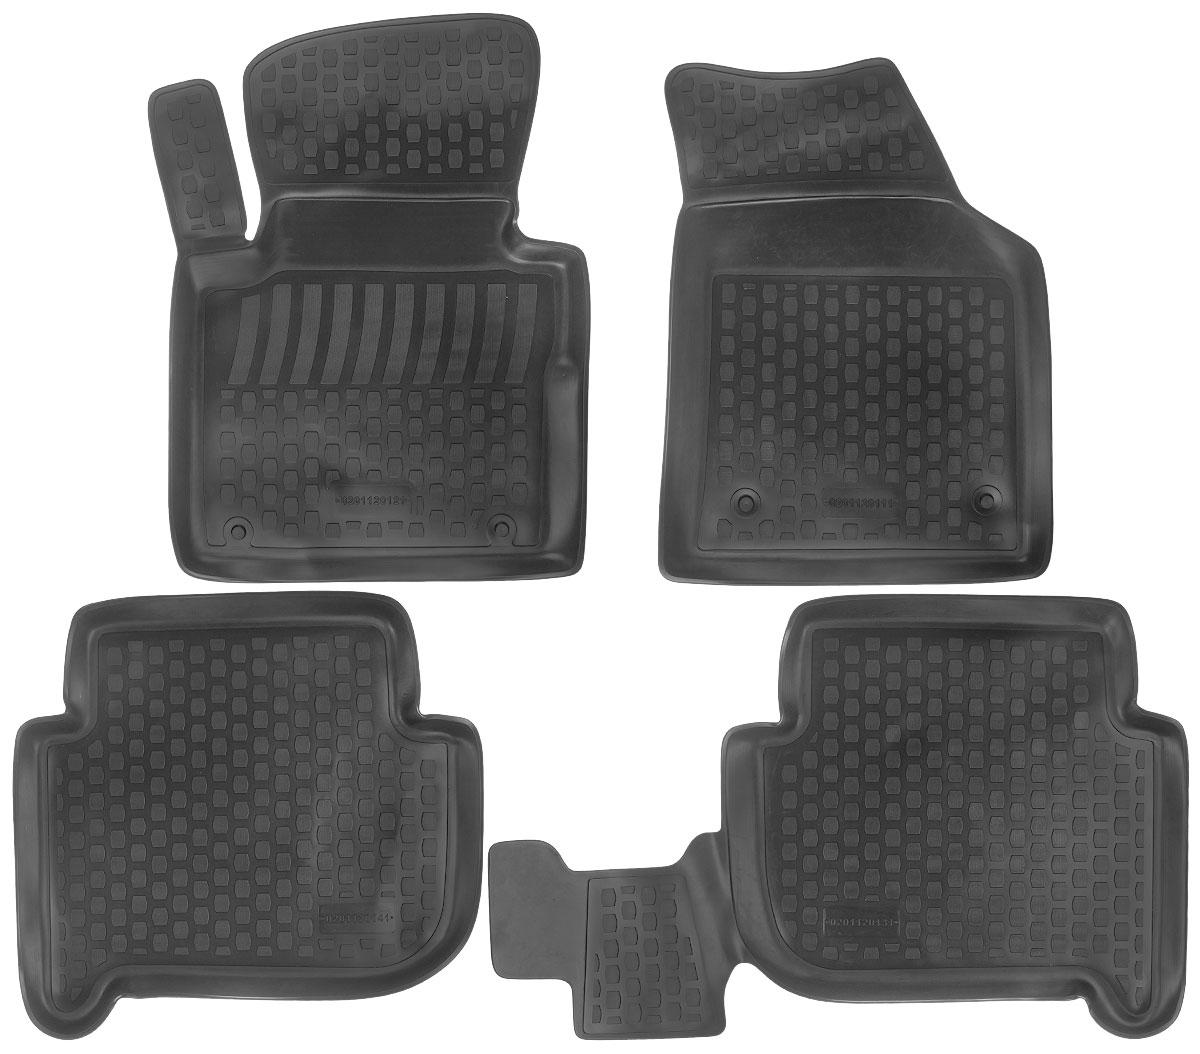 Набор автомобильных ковриков L.Locker Volkswagen Touran 2003, в салон, 4 шт0201120101Набор L.Locker Volkswagen Touran 2003, изготовленный из полиуретана, состоит из 4 антискользящих 3D ковриков,которые производятся индивидуально для каждой моделиавтомобиля. Изделие точно повторяет геометрию пола автомобиля, имеет высокийборт, обладает повышенной износоустойчивостью, лишено резкого запаха и сохраняет своипотребительские свойства в широком диапазоне температур от -50°С до +50°С.Комплектация: 4 шт.Размер ковриков: 73 см х 54 см; 60 см х 56 см; 91 см х 56 см; 68 см х 49 см.